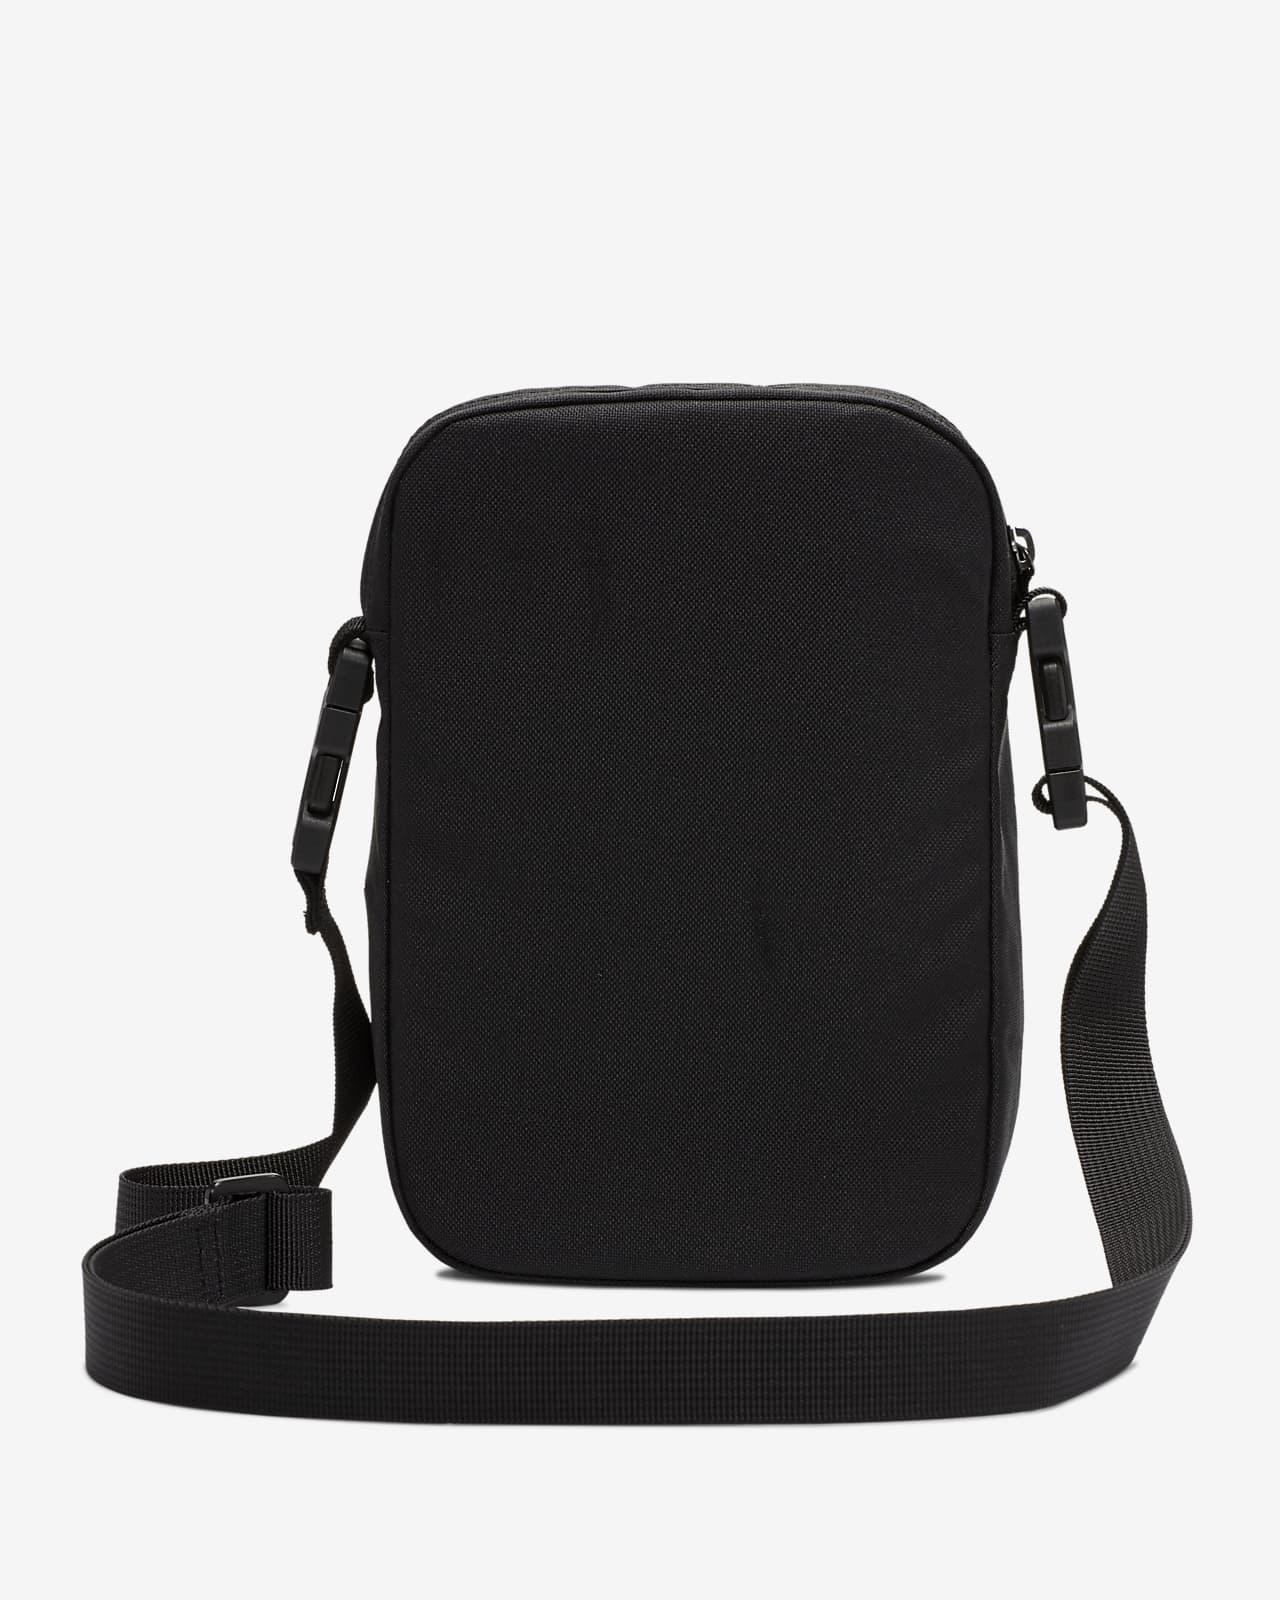 Crossbody väska Nike Air Max 2.0 (liten)